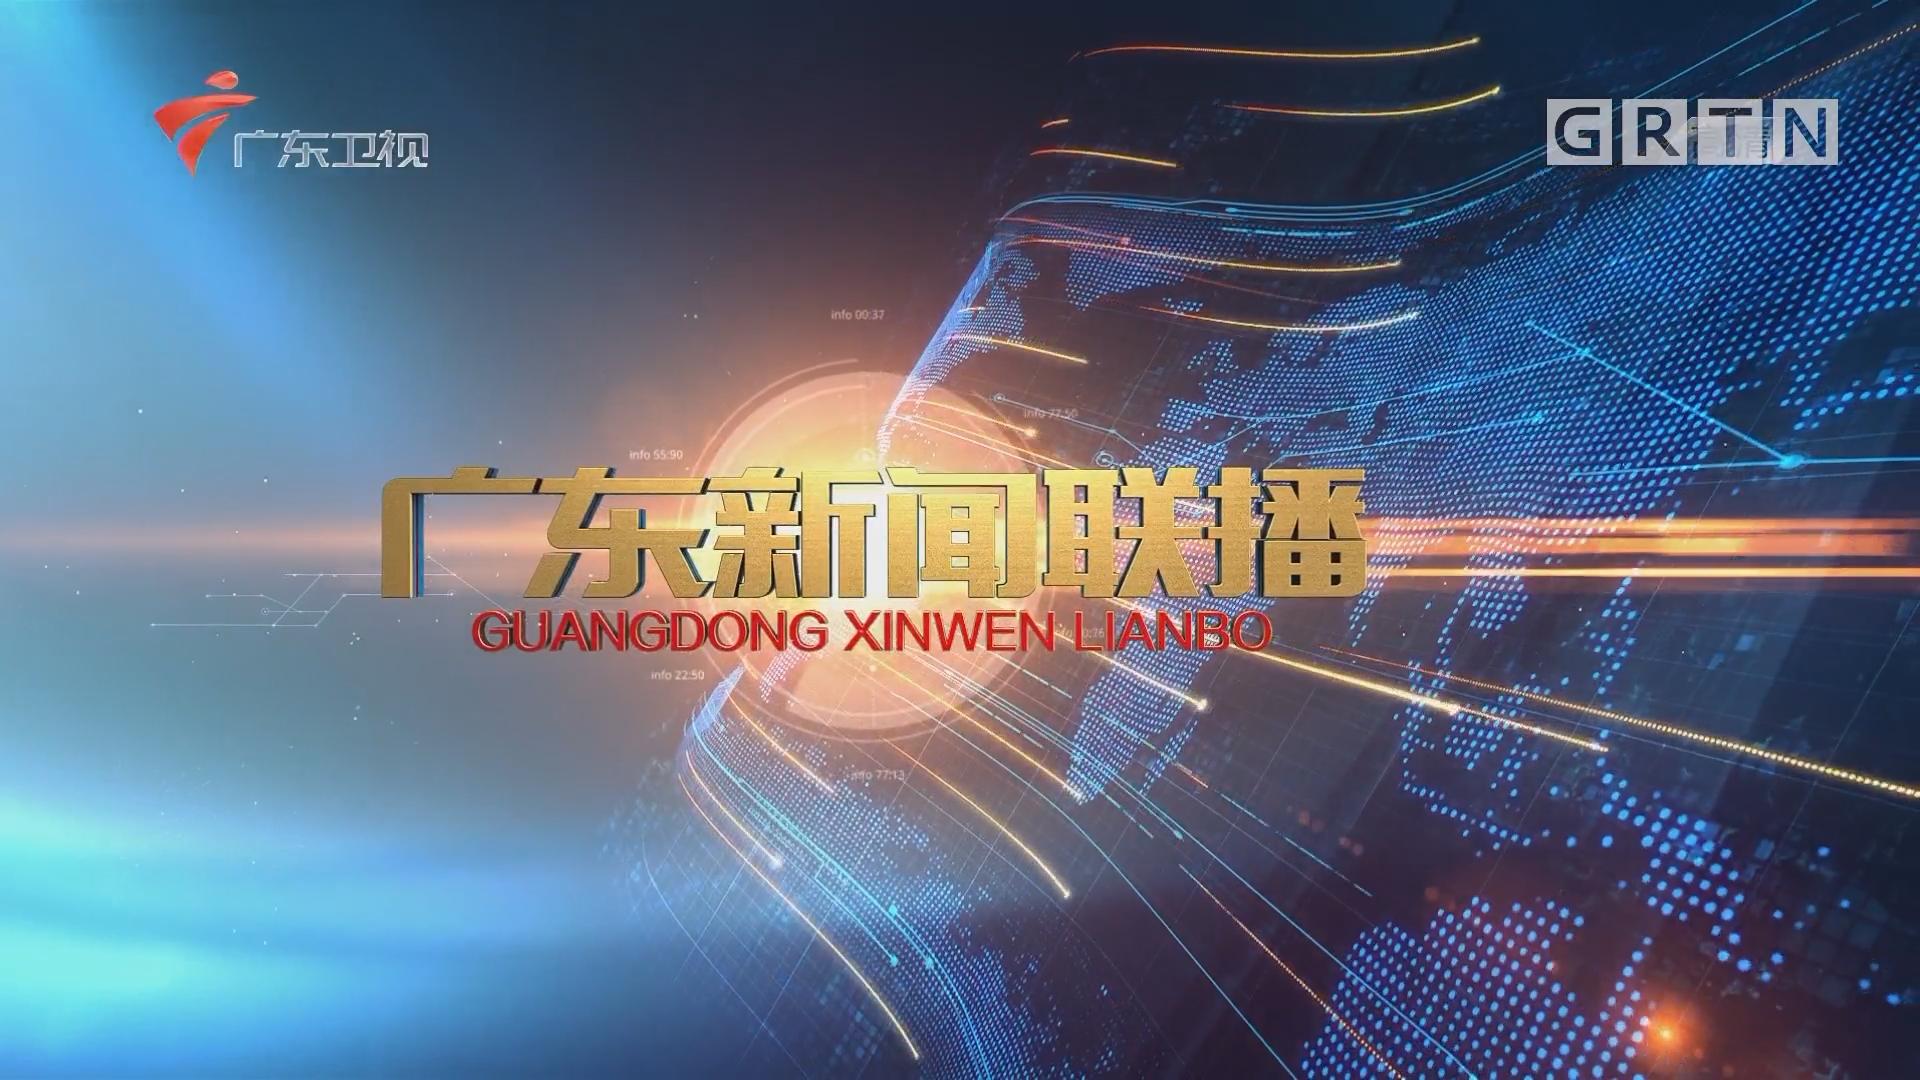 [HD][2018-09-25]广东新闻联播:云浮罗定:引领小农户 迈向大农业